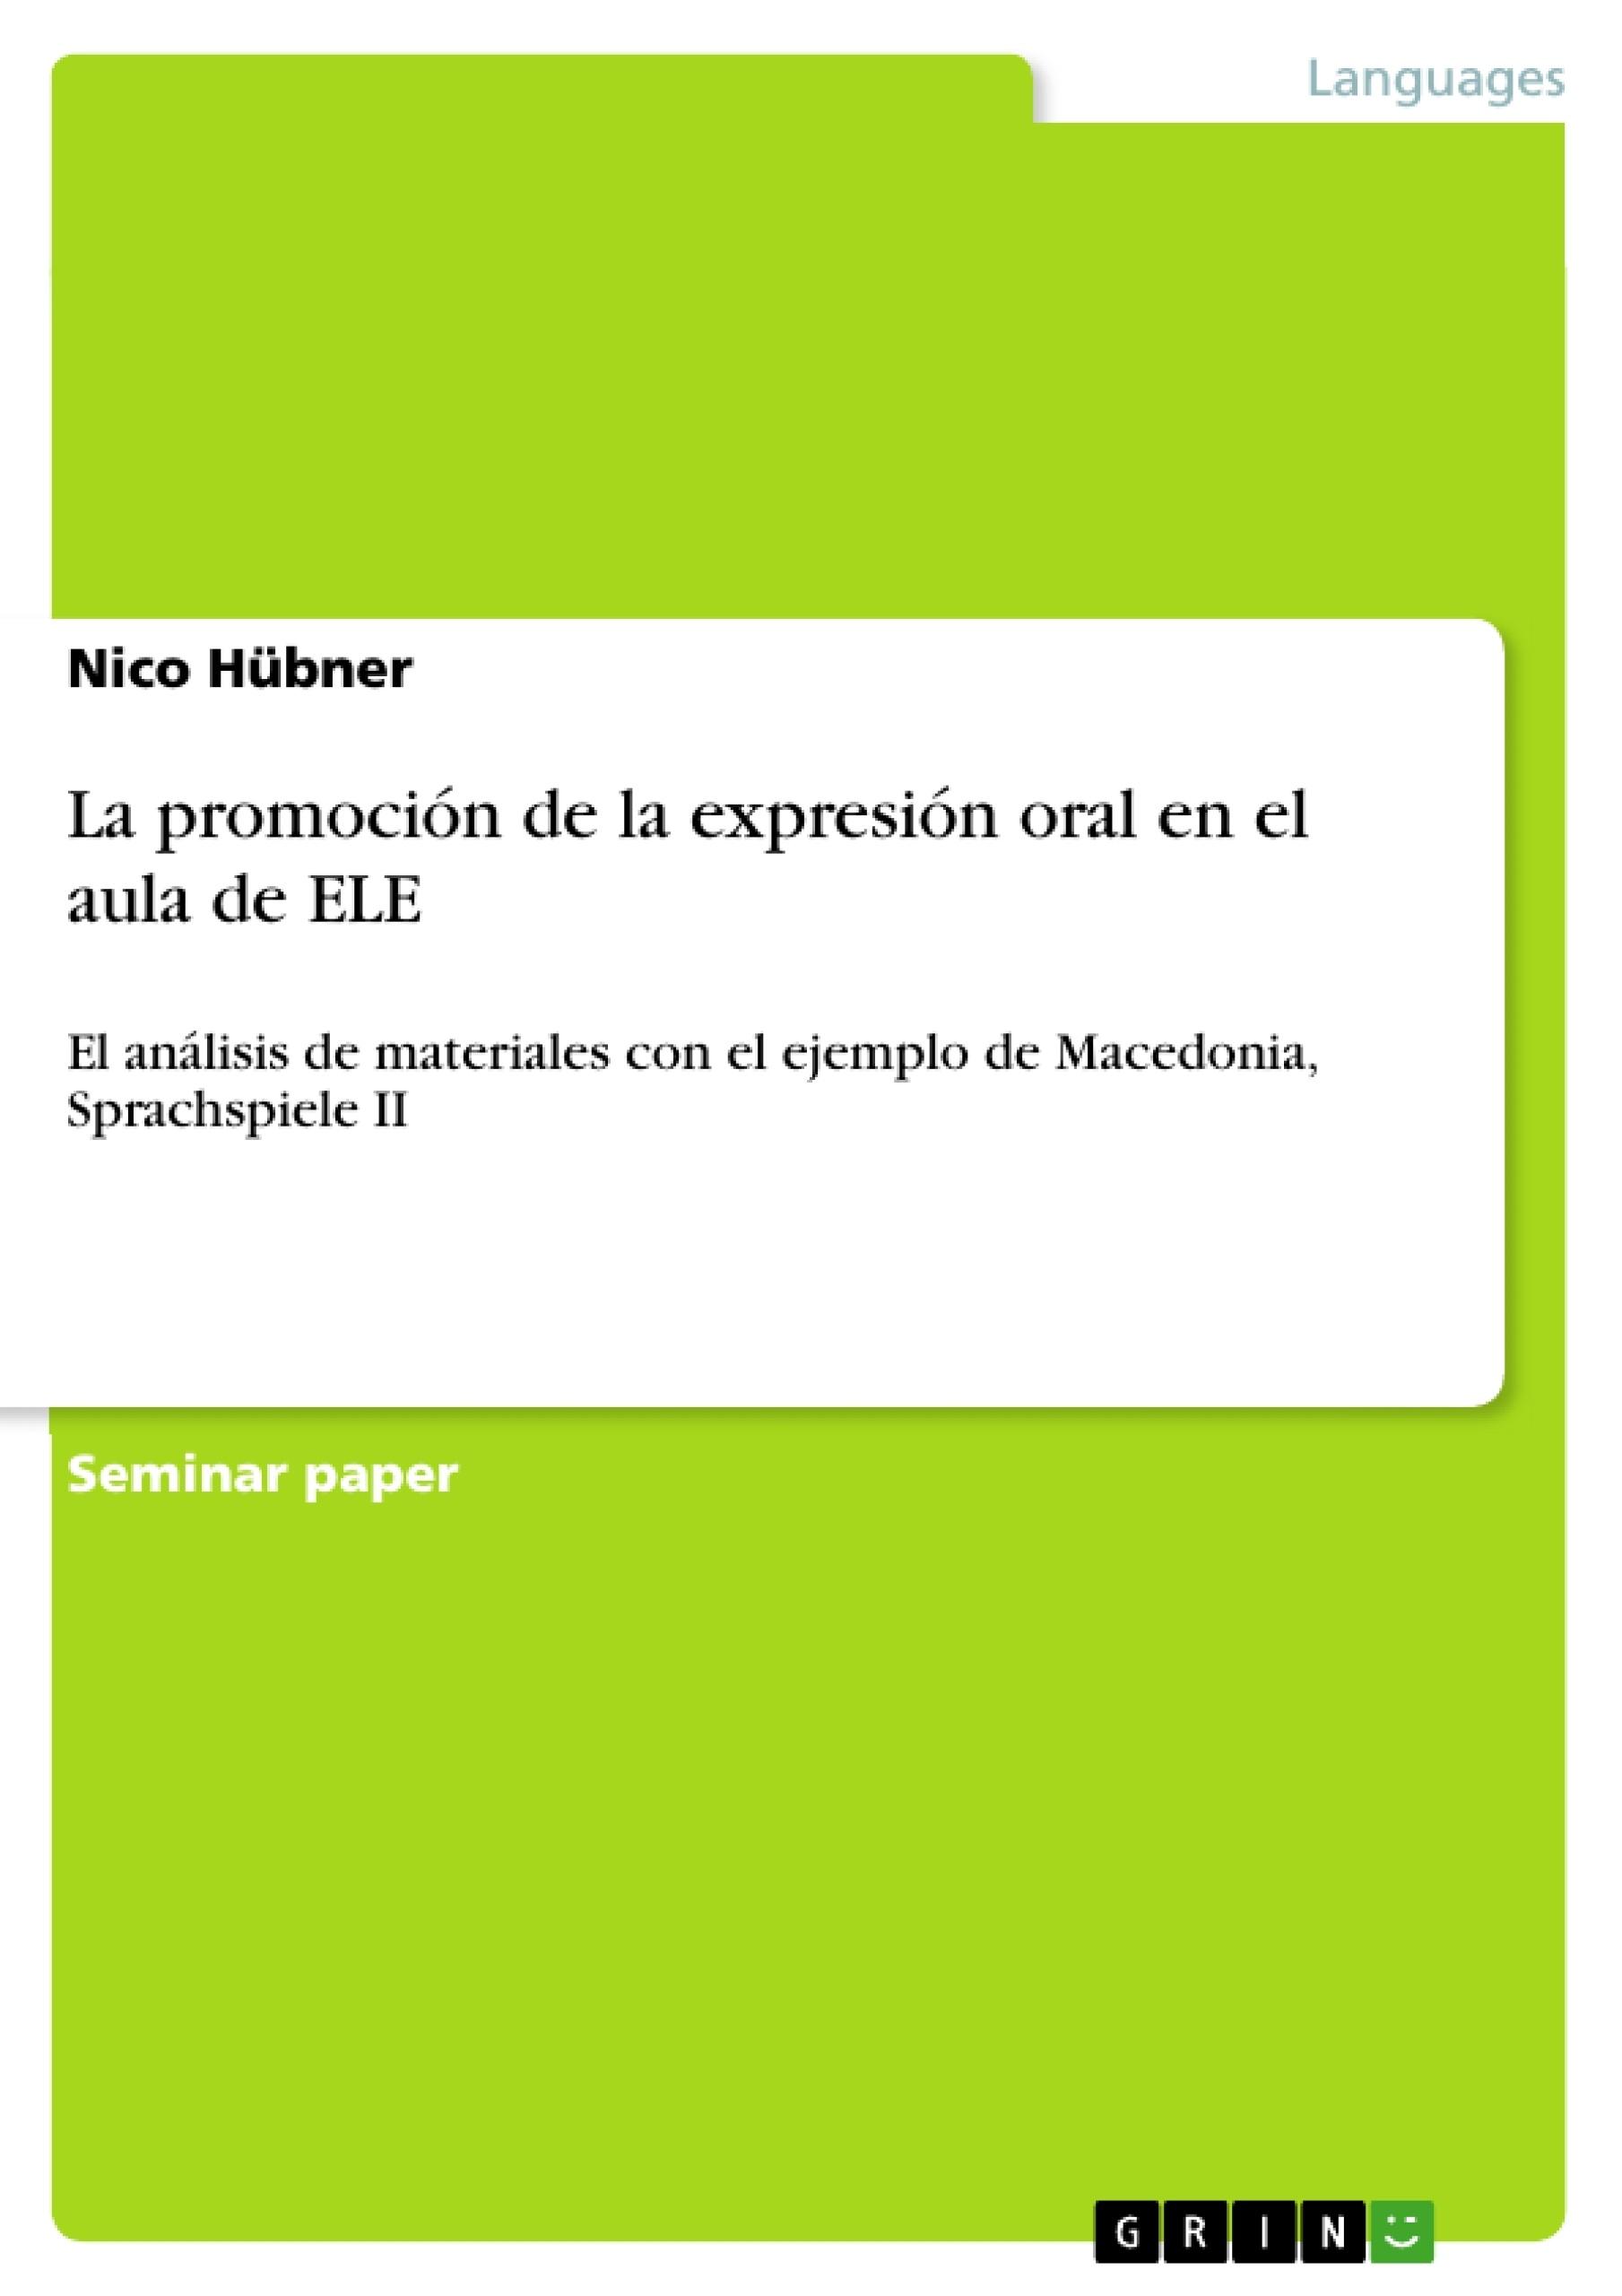 Título: La promoción de la expresión oral en el aula de ELE